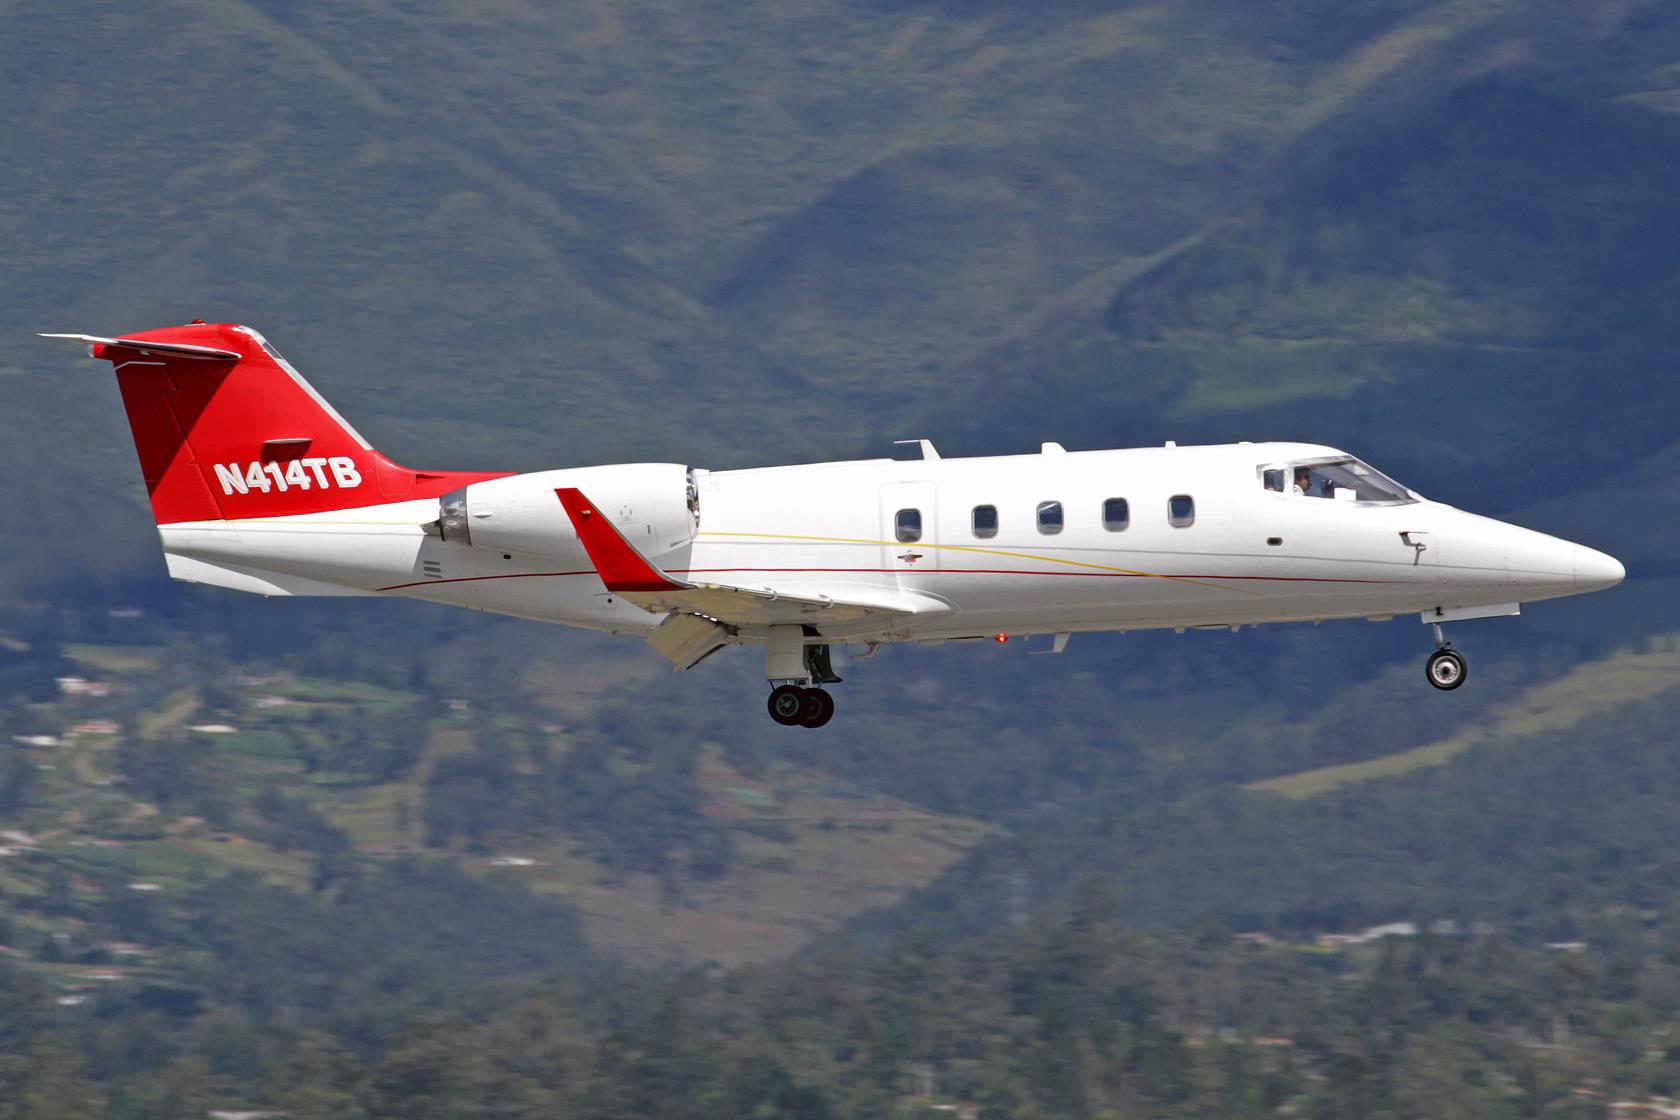 Beech Jet 324 LLC LearJet 55 N414TB - Obwohl er in den USA registriert ist wird dieser BizJet von einer ecuadorianischen Bank betrieben